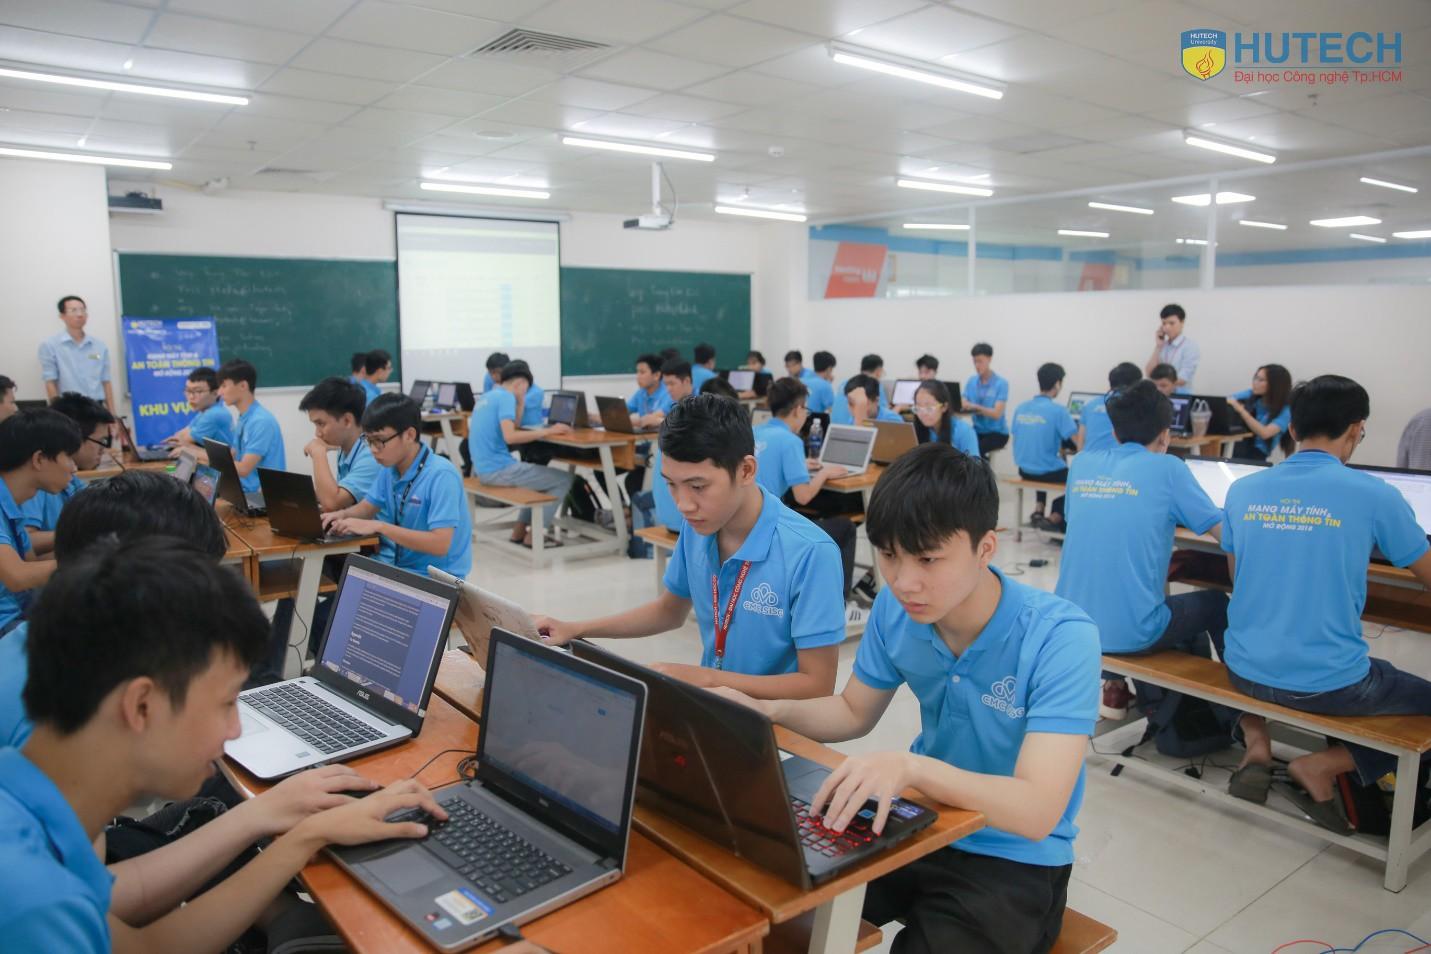 4 lưu ý chọn trường học Công nghệ thông tin - Ngành chưa bao giờ hết hot - Ảnh 1.